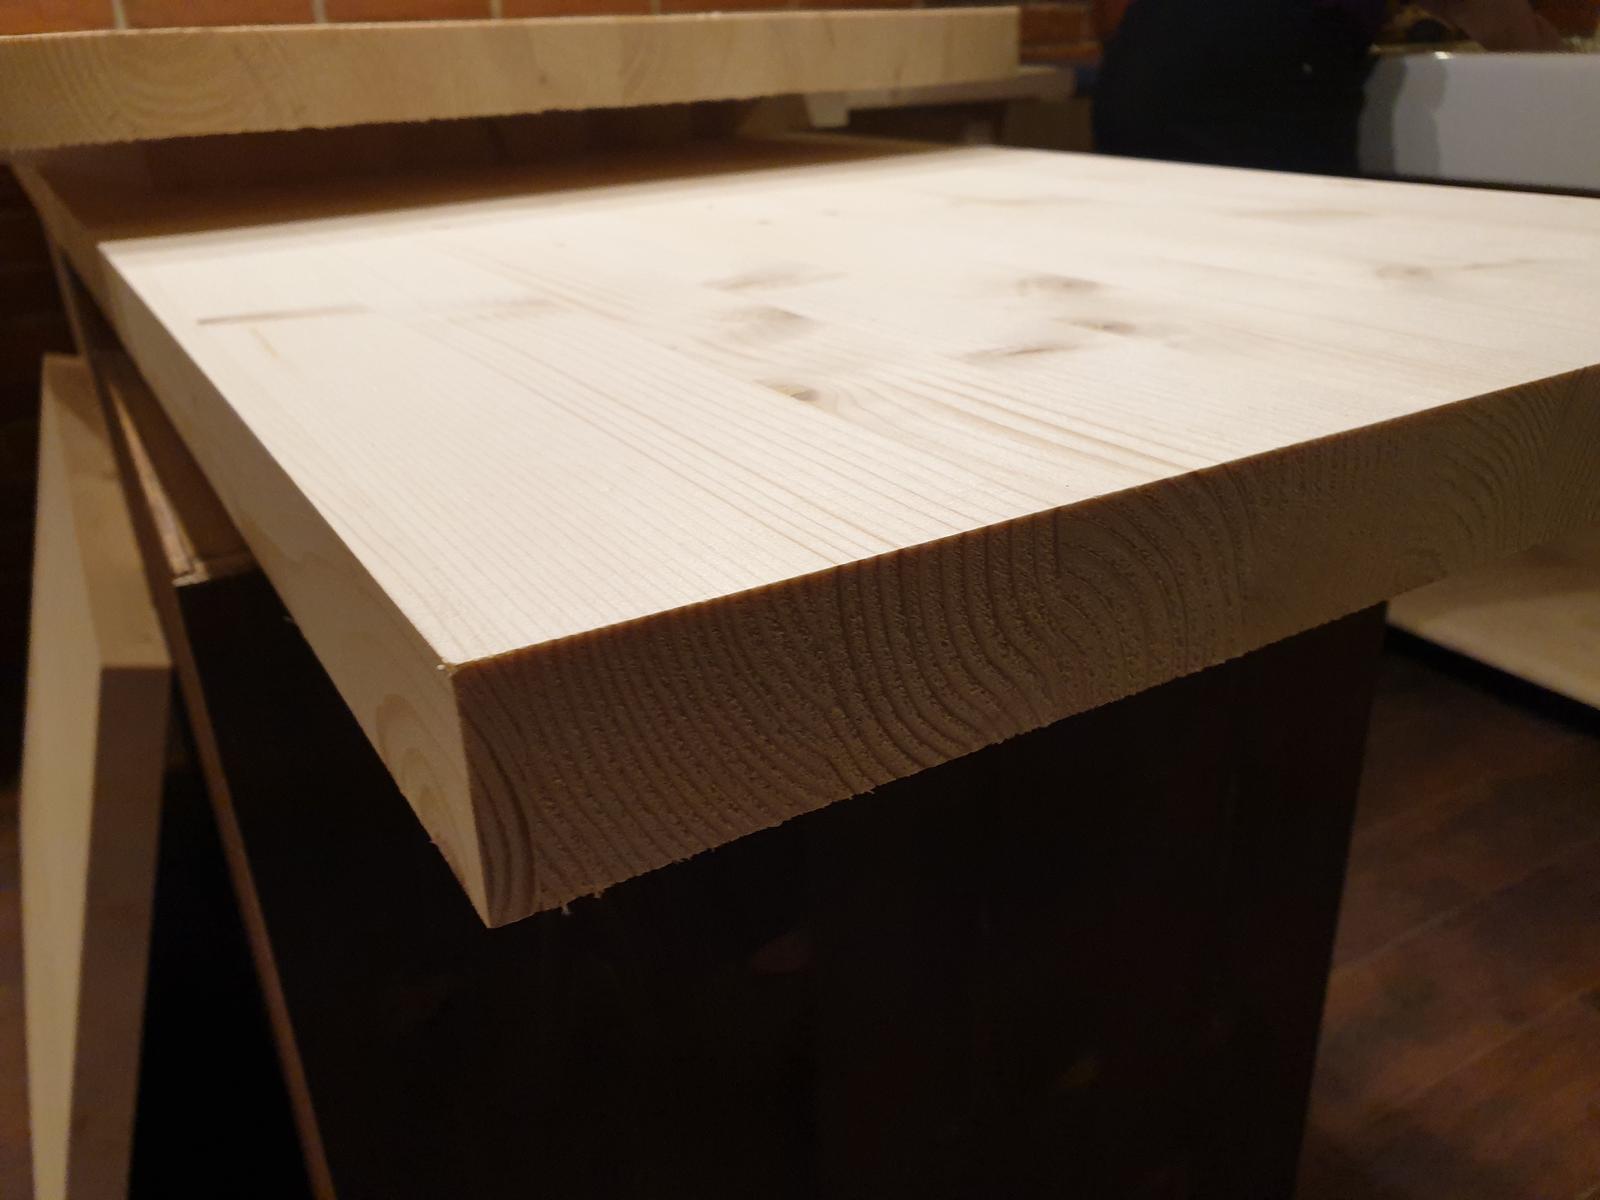 Kuchyňa svojpomocne - Došla pracovná doska. Skarovka smreková, hrúbka 40mm